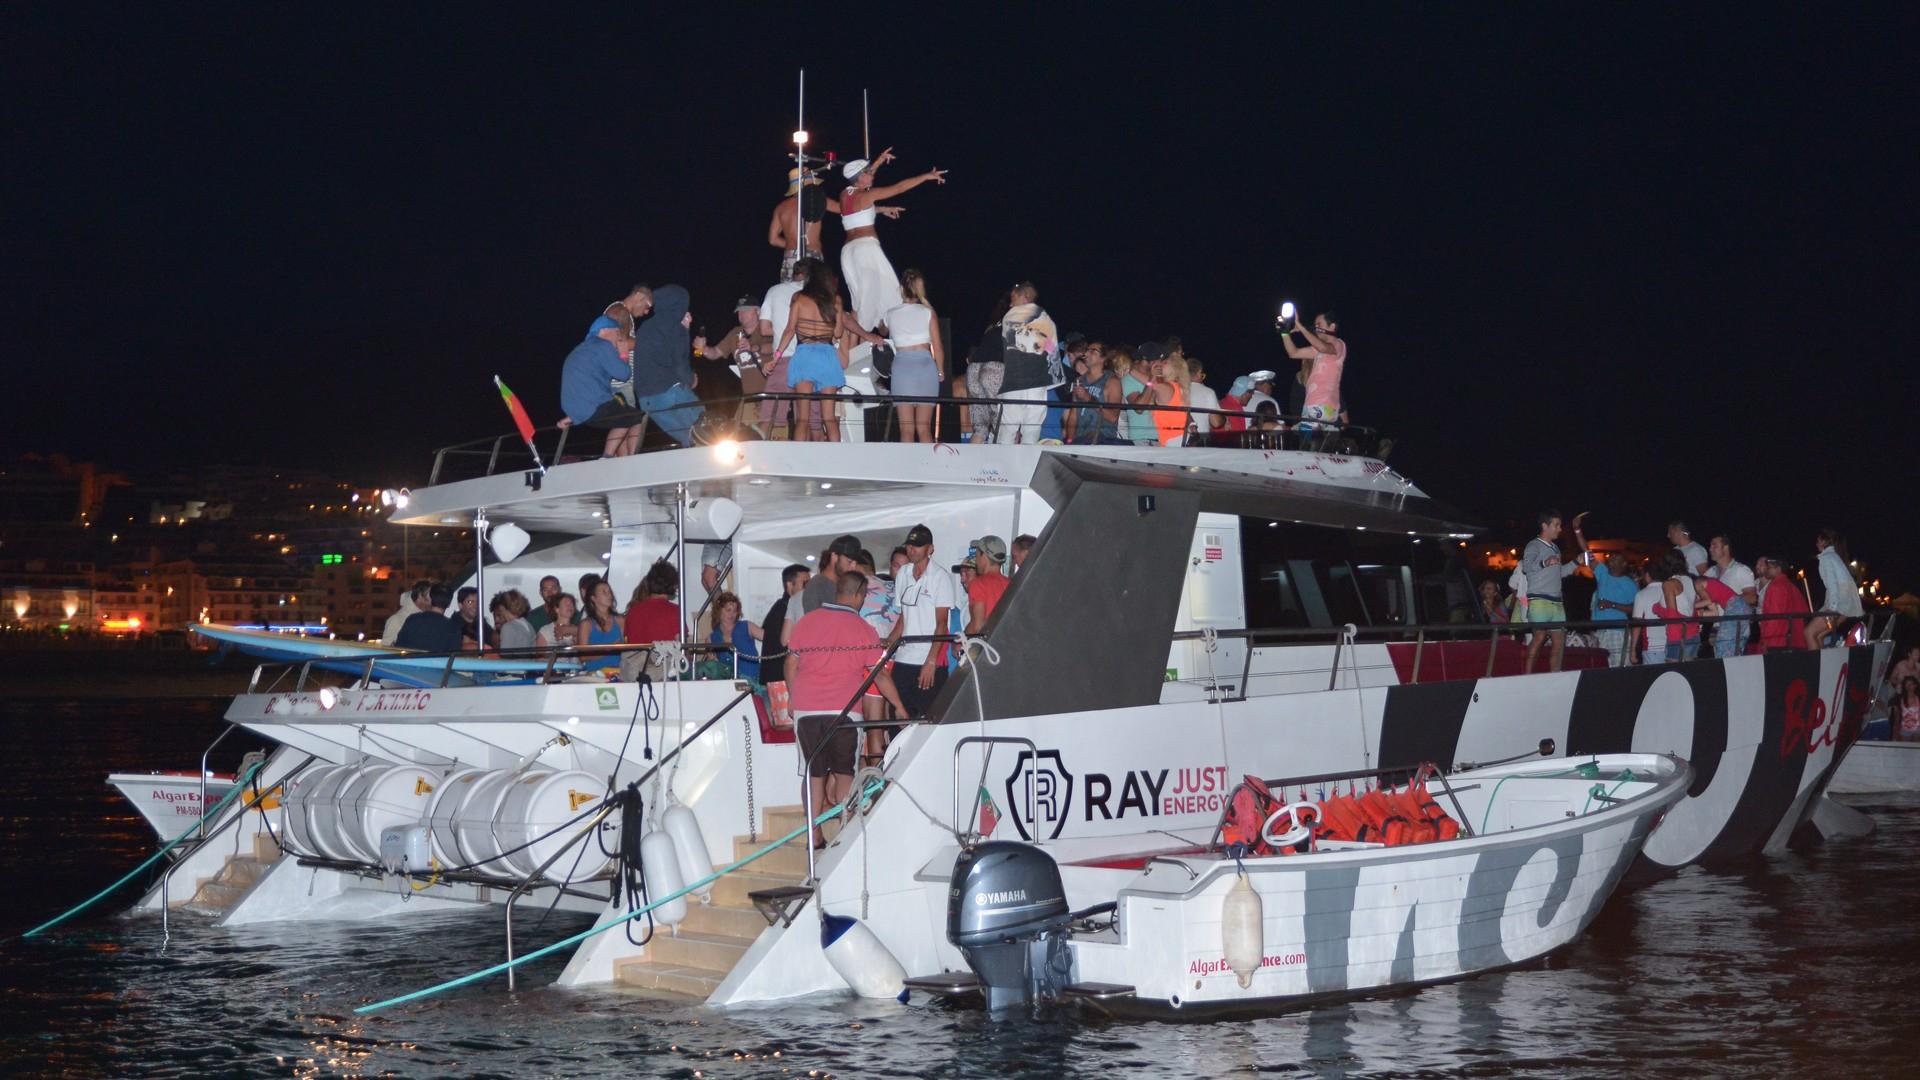 Ruta en barco delfines y barbacoa en Albufeira. Fiesta en barco en el Algarve. Despedidas de soltero y soltera en el Algarve